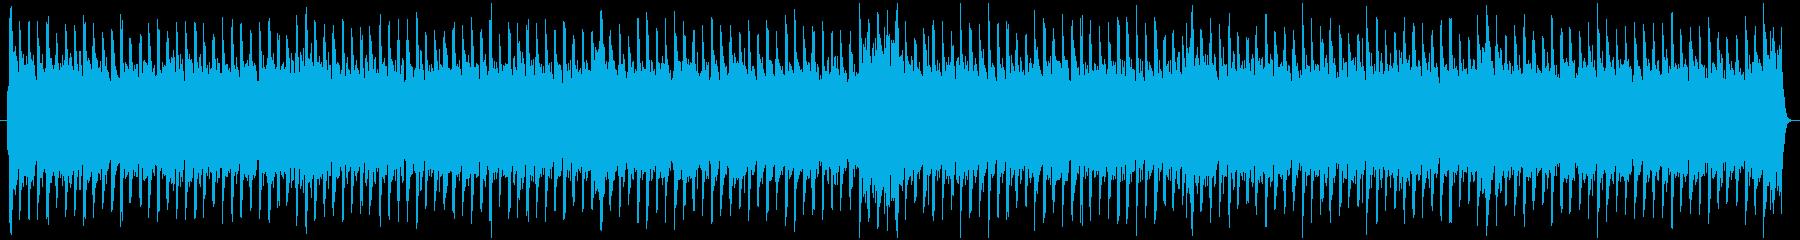 ゲームのインターミッションシーンを想定の再生済みの波形